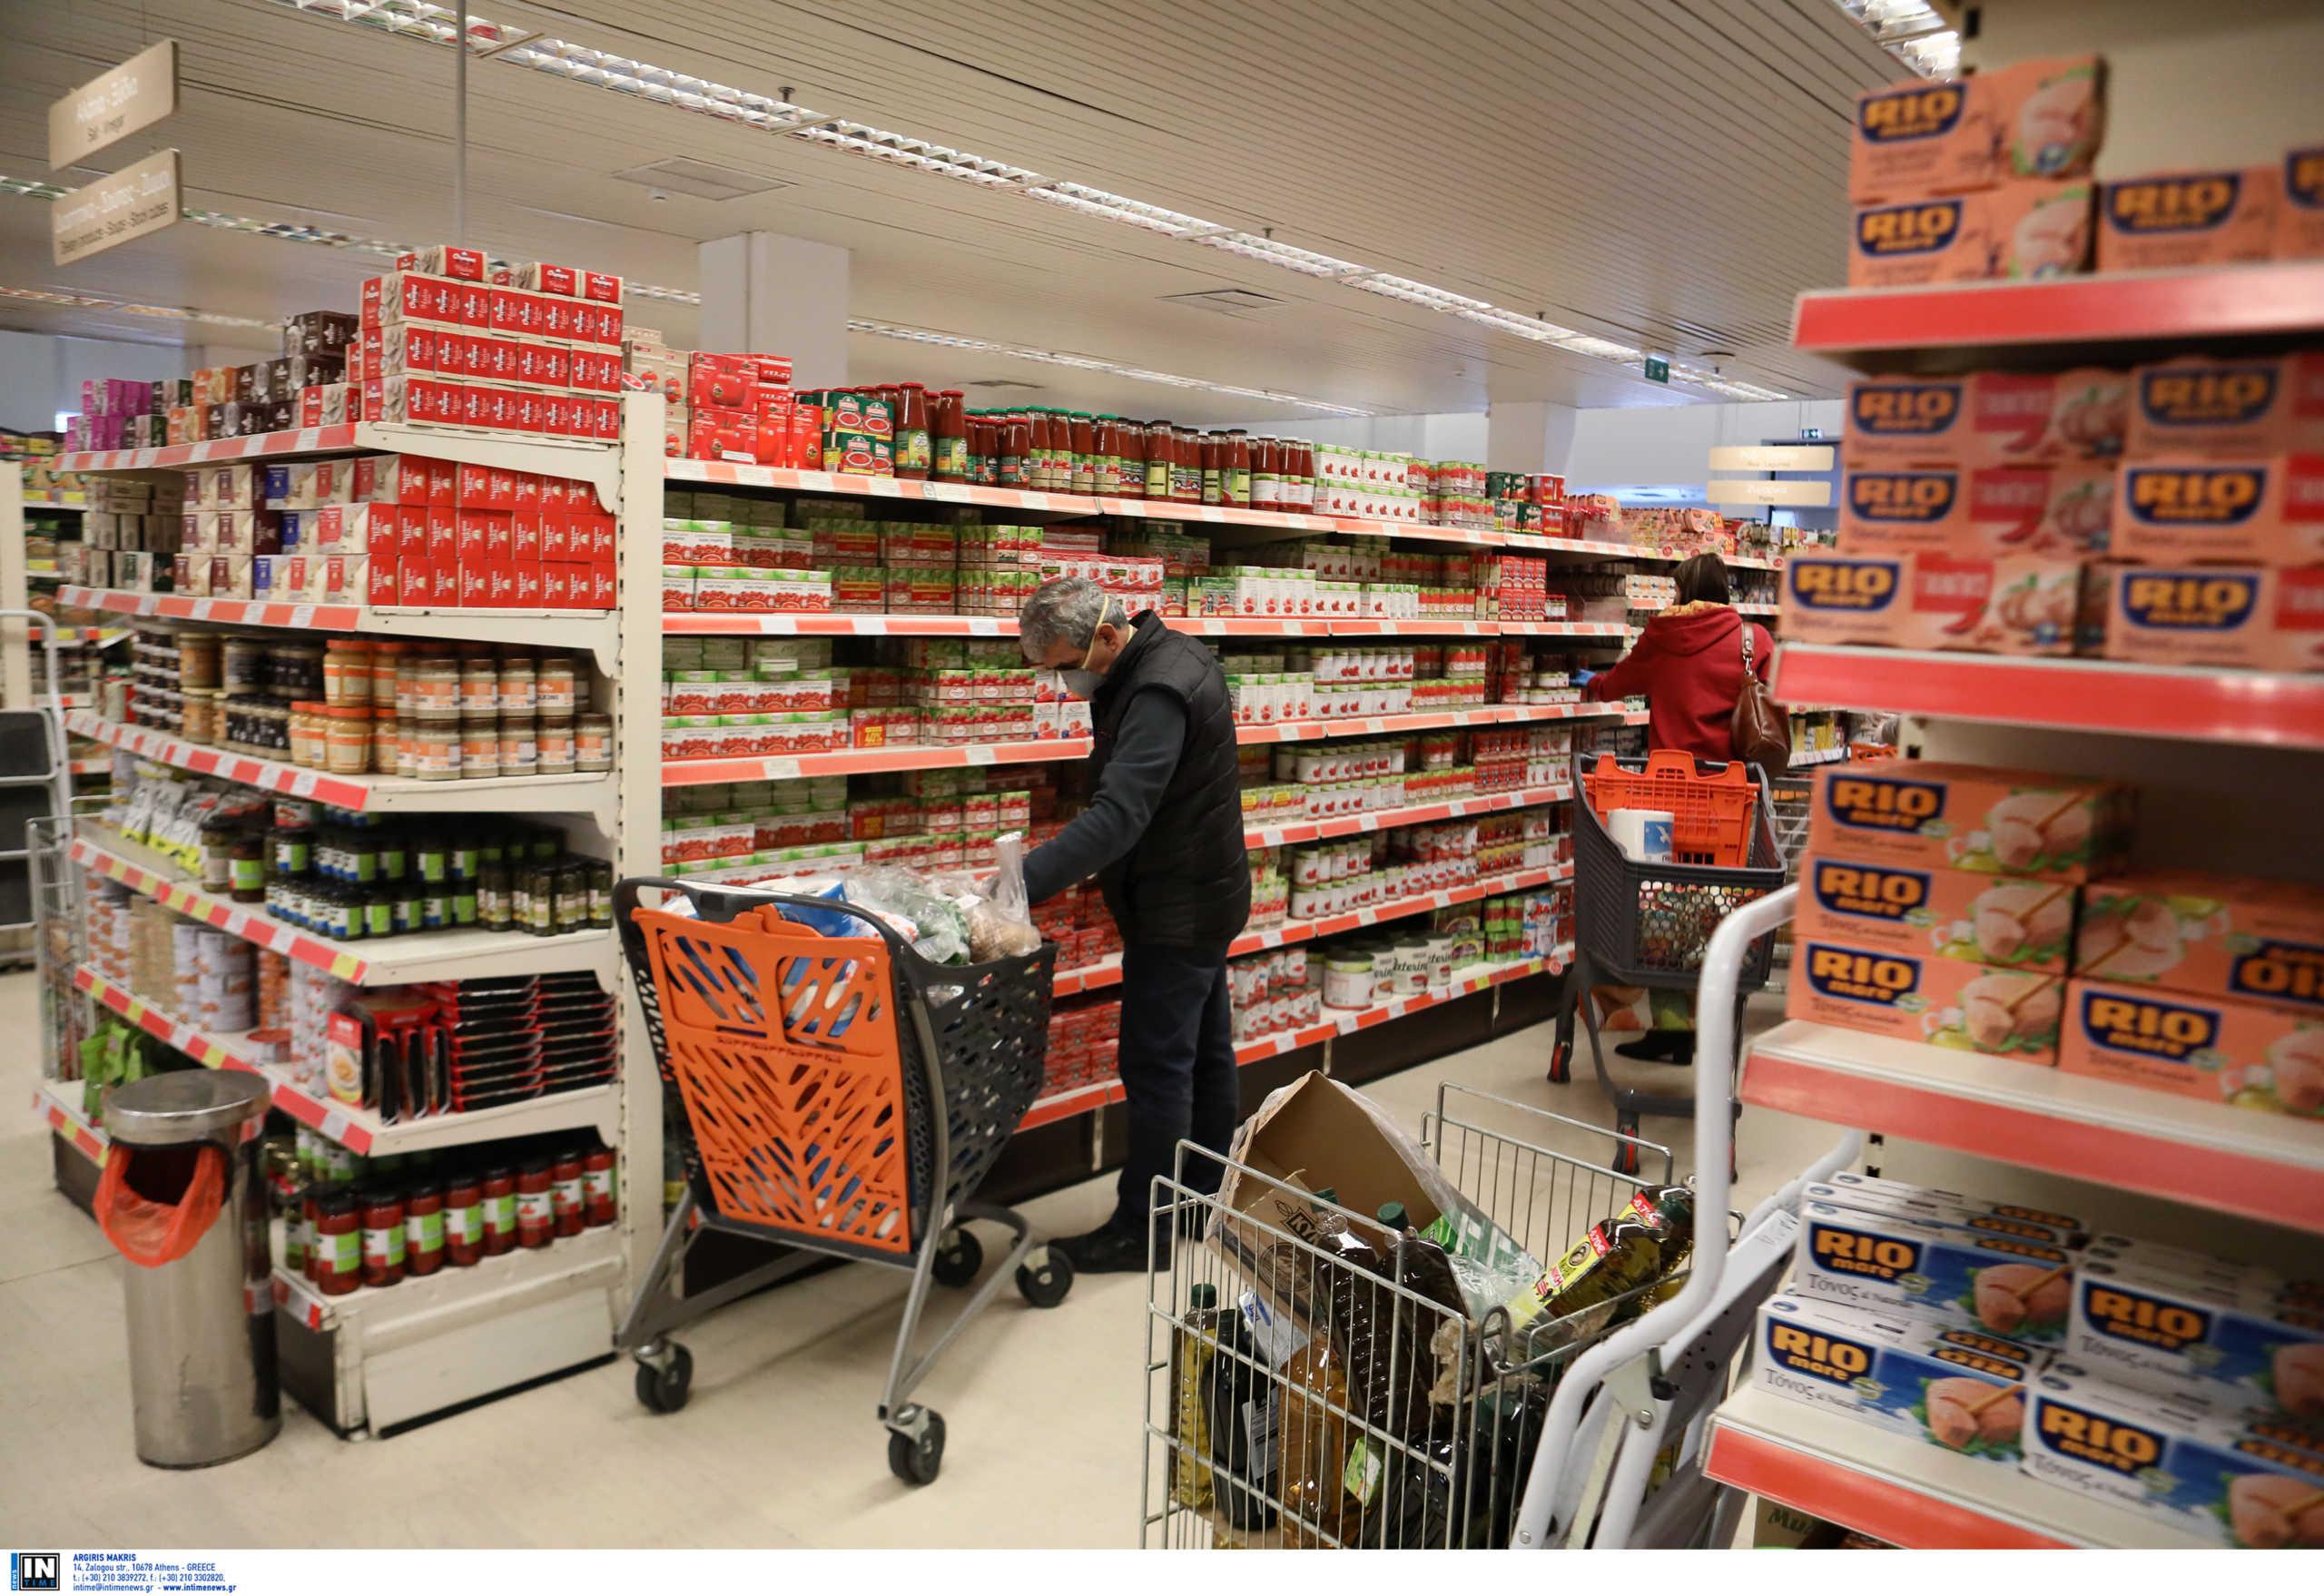 ΕΦΕΤ: Οδηγίες για ασφαλή χειρισμό τροφίμων στο σπίτι – Πώς θα αποφύγουμε τις δηλητηριάσεις